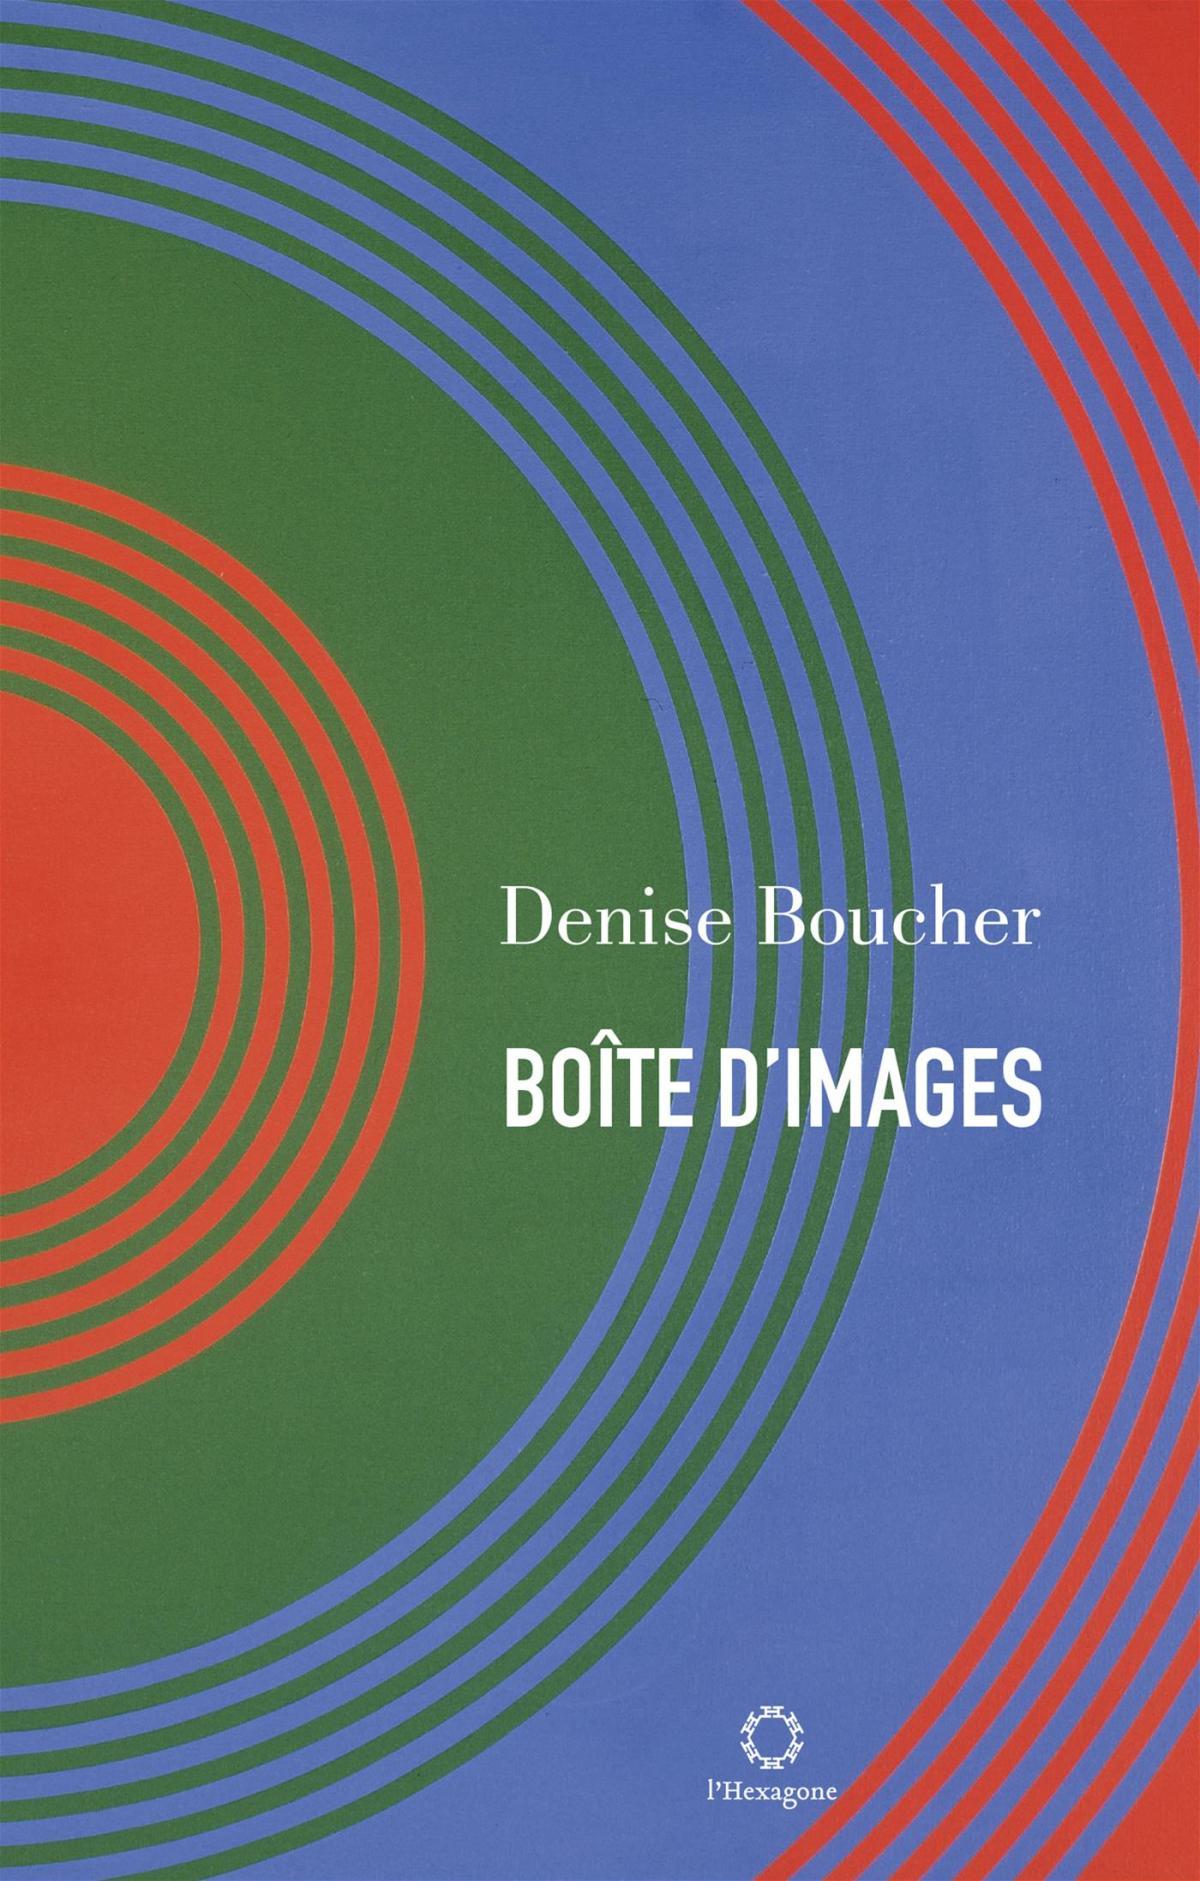 Denise Boucher, Boîte d'images, l'Hexagone, 2016, 169 pages.